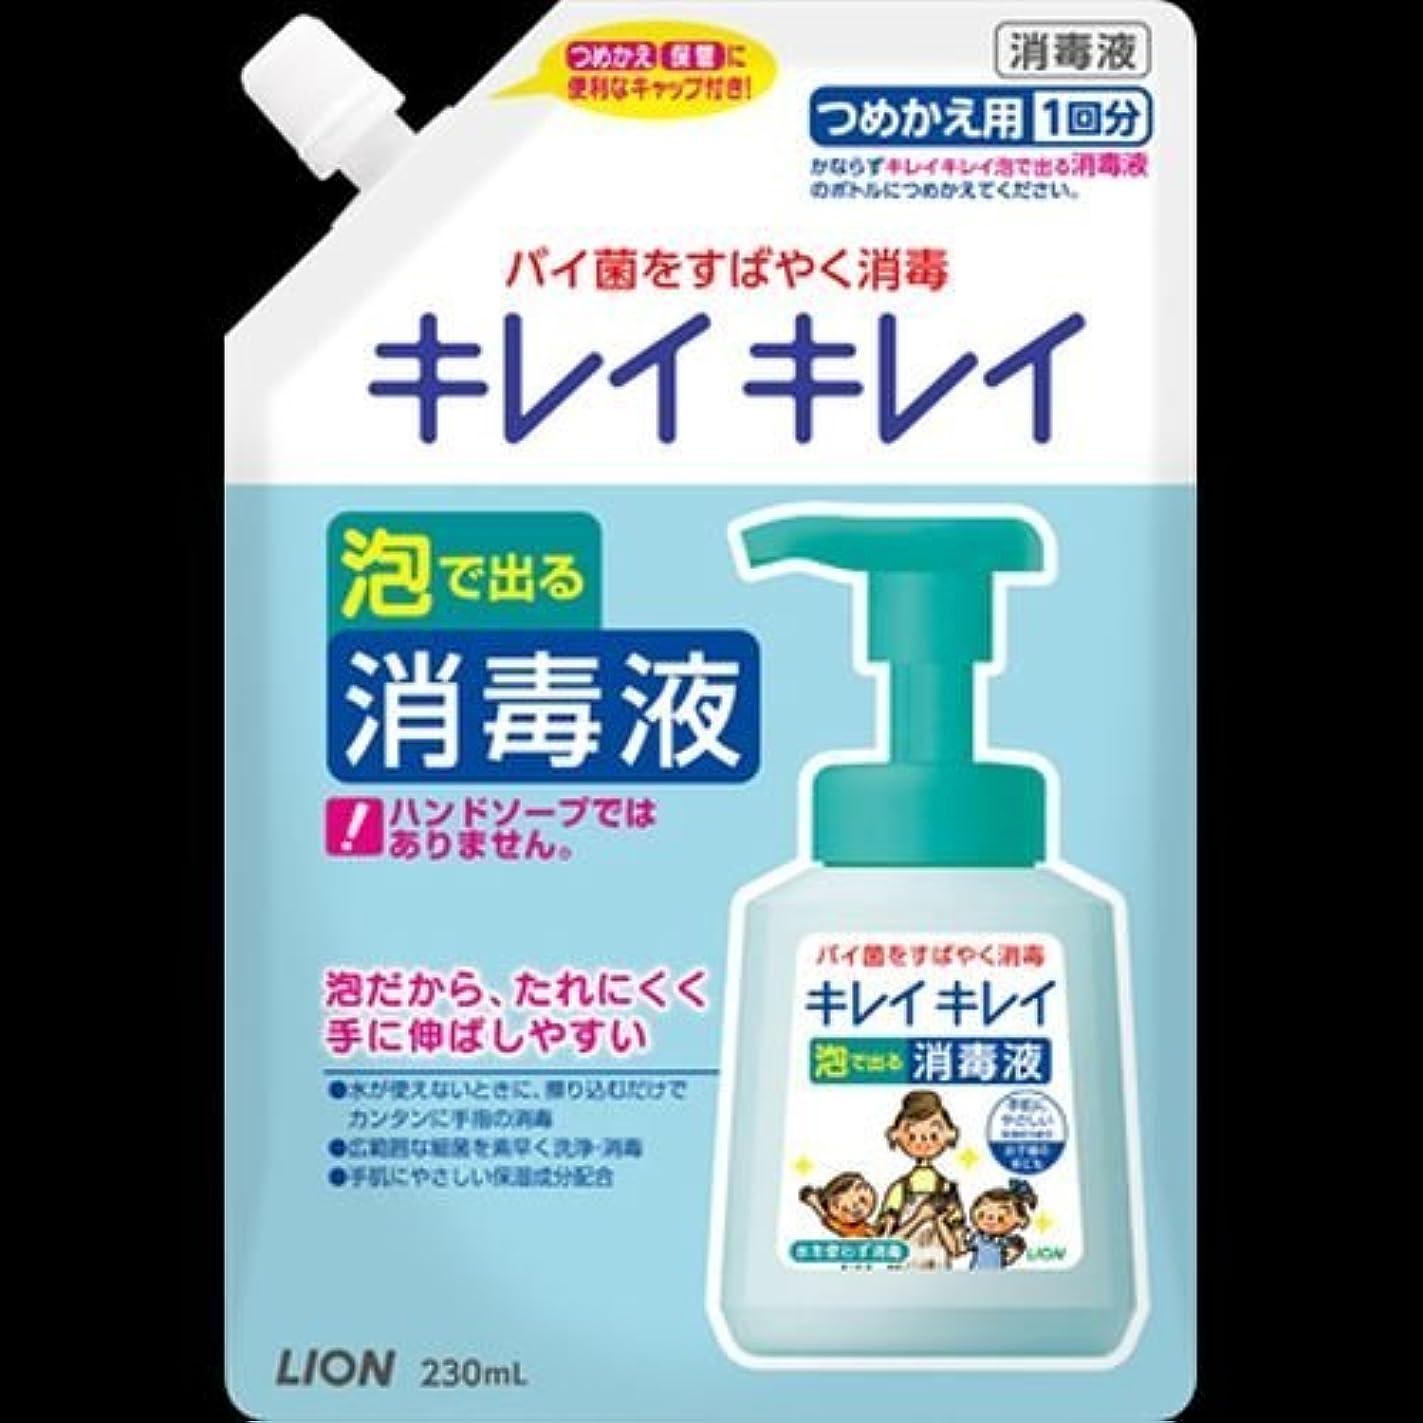 ジーンズ乱気流減るキレイキレイ 薬用泡ででる消毒液 つめかえ用 230mL ×2セット